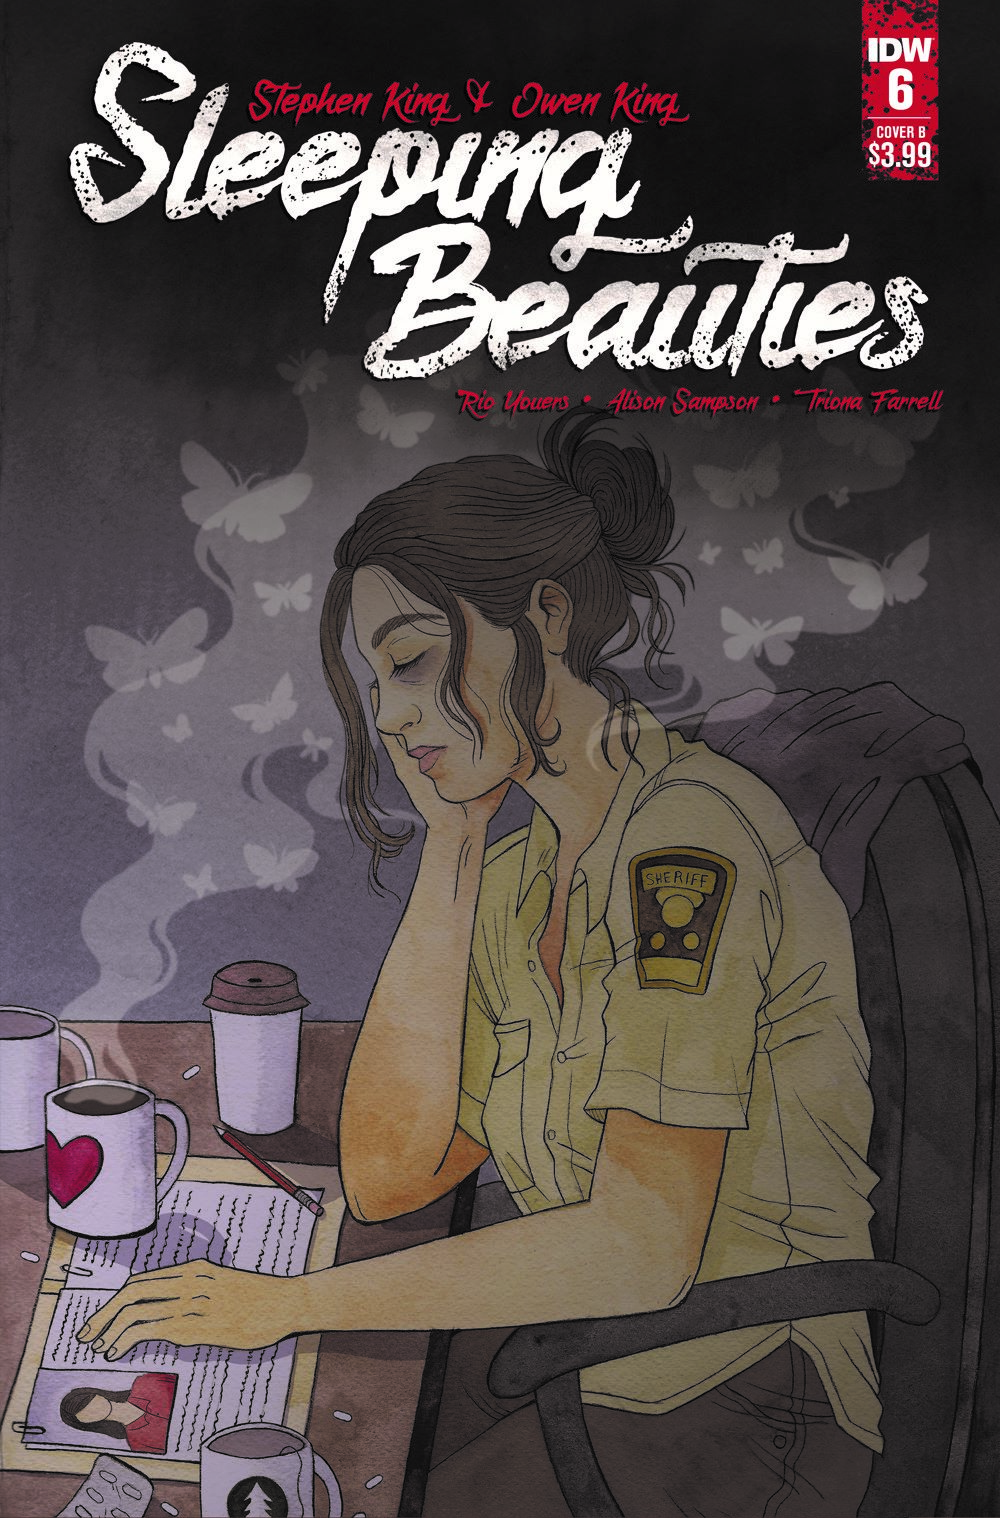 SleepingBeauties_06_CVR_B-2 ComicList Previews: SLEEPING BEAUTIES #6 (OF 10)